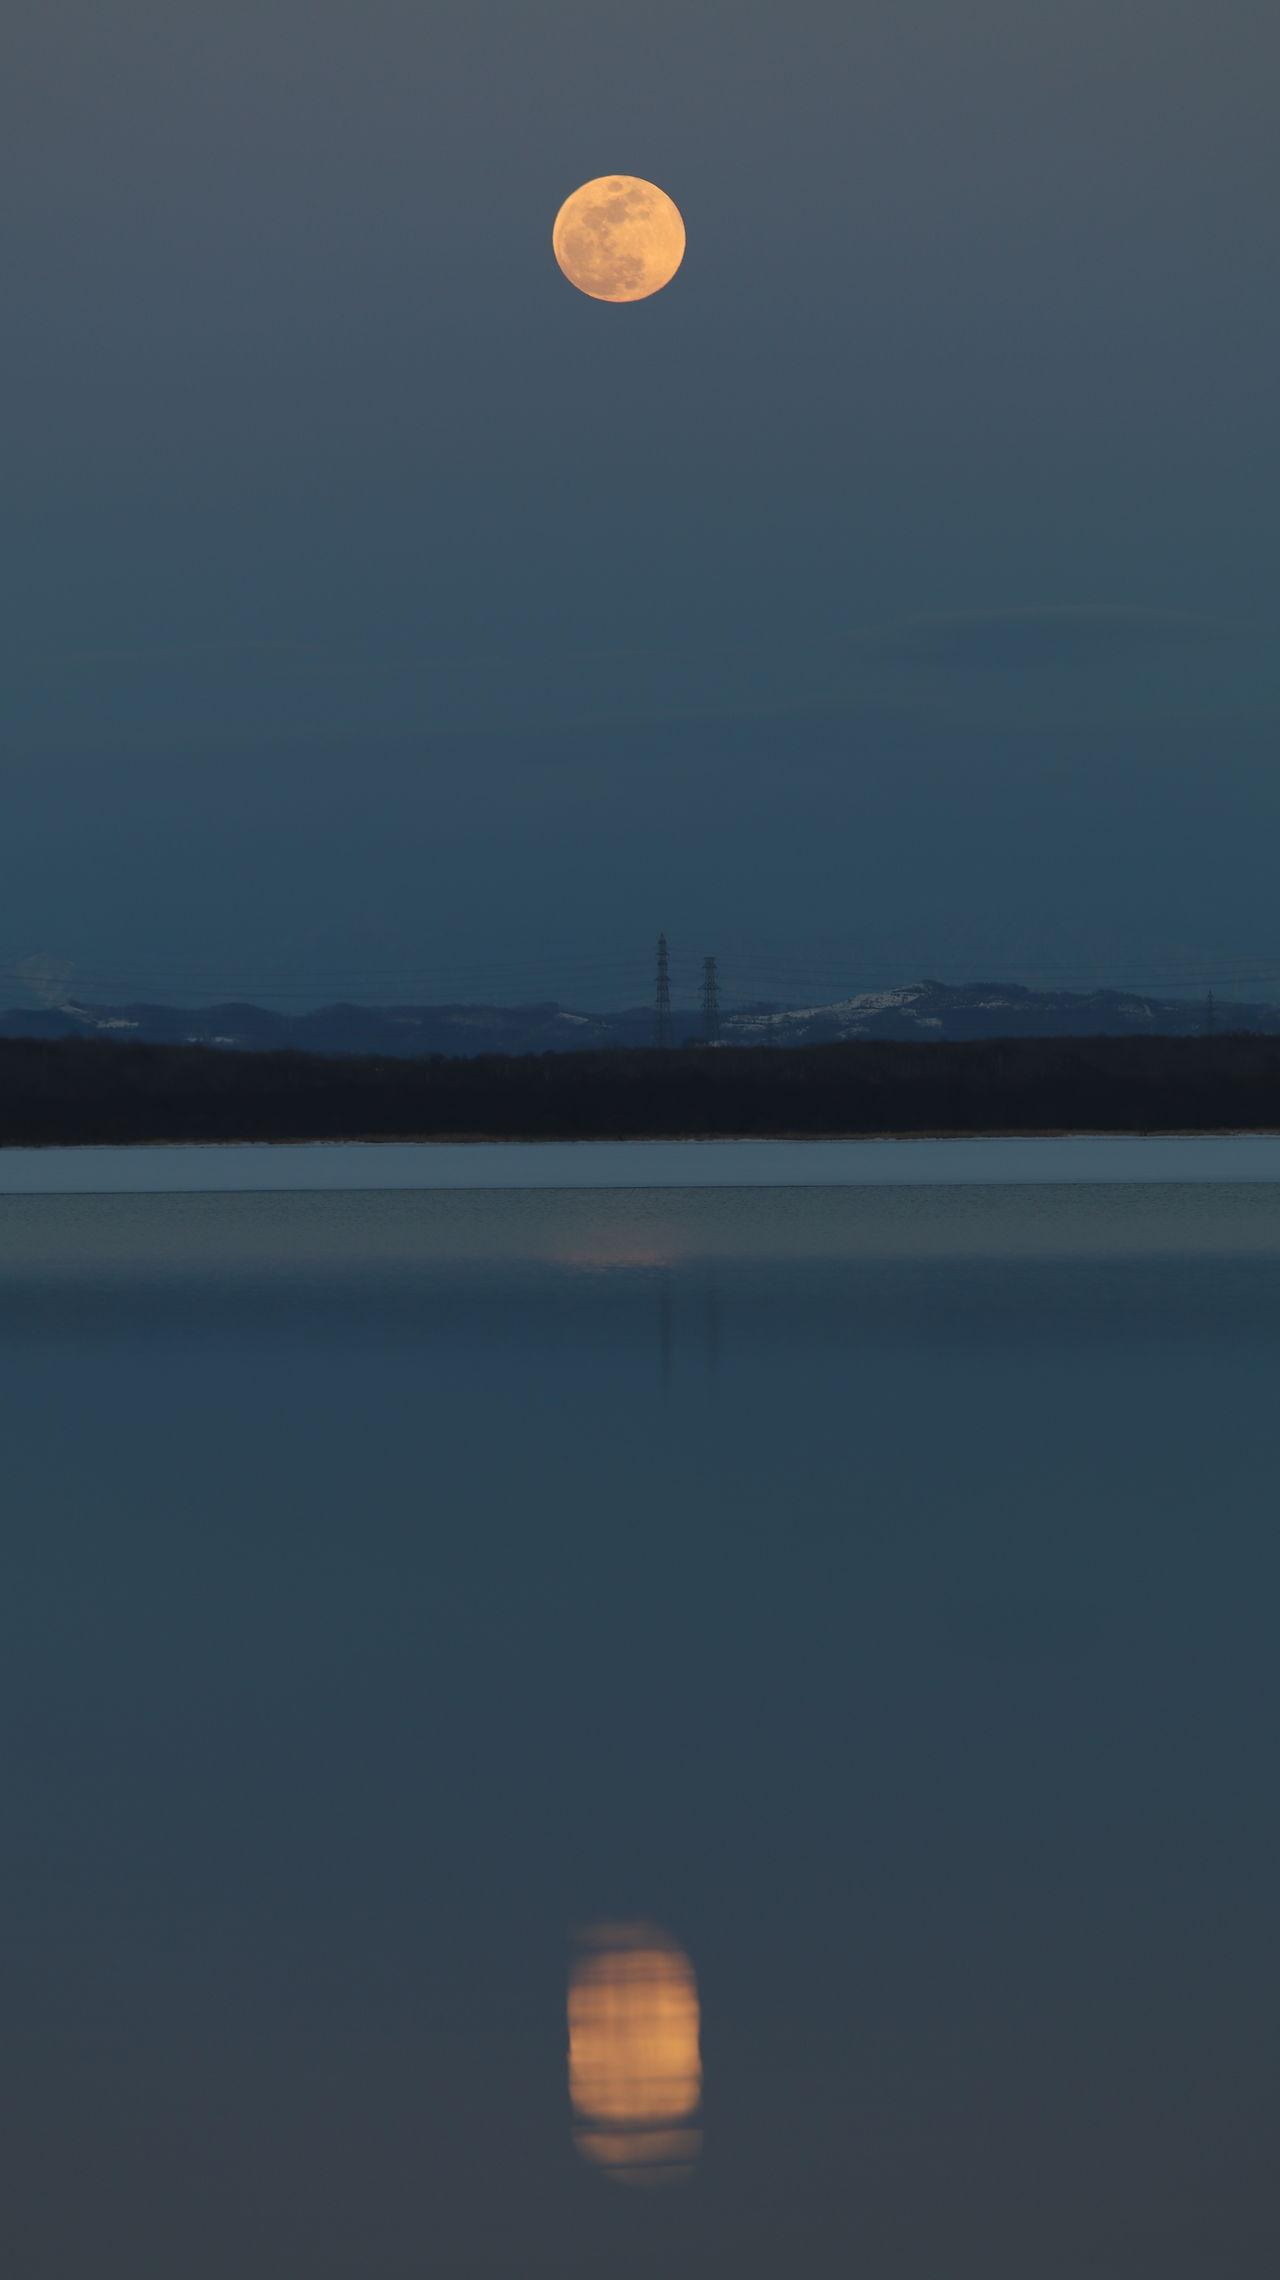 月 Moon Utonailake Nature Water Watresurface Moonrise 空 Sky Lake Tomakomai Hokkaido Japan ウトナイ湖